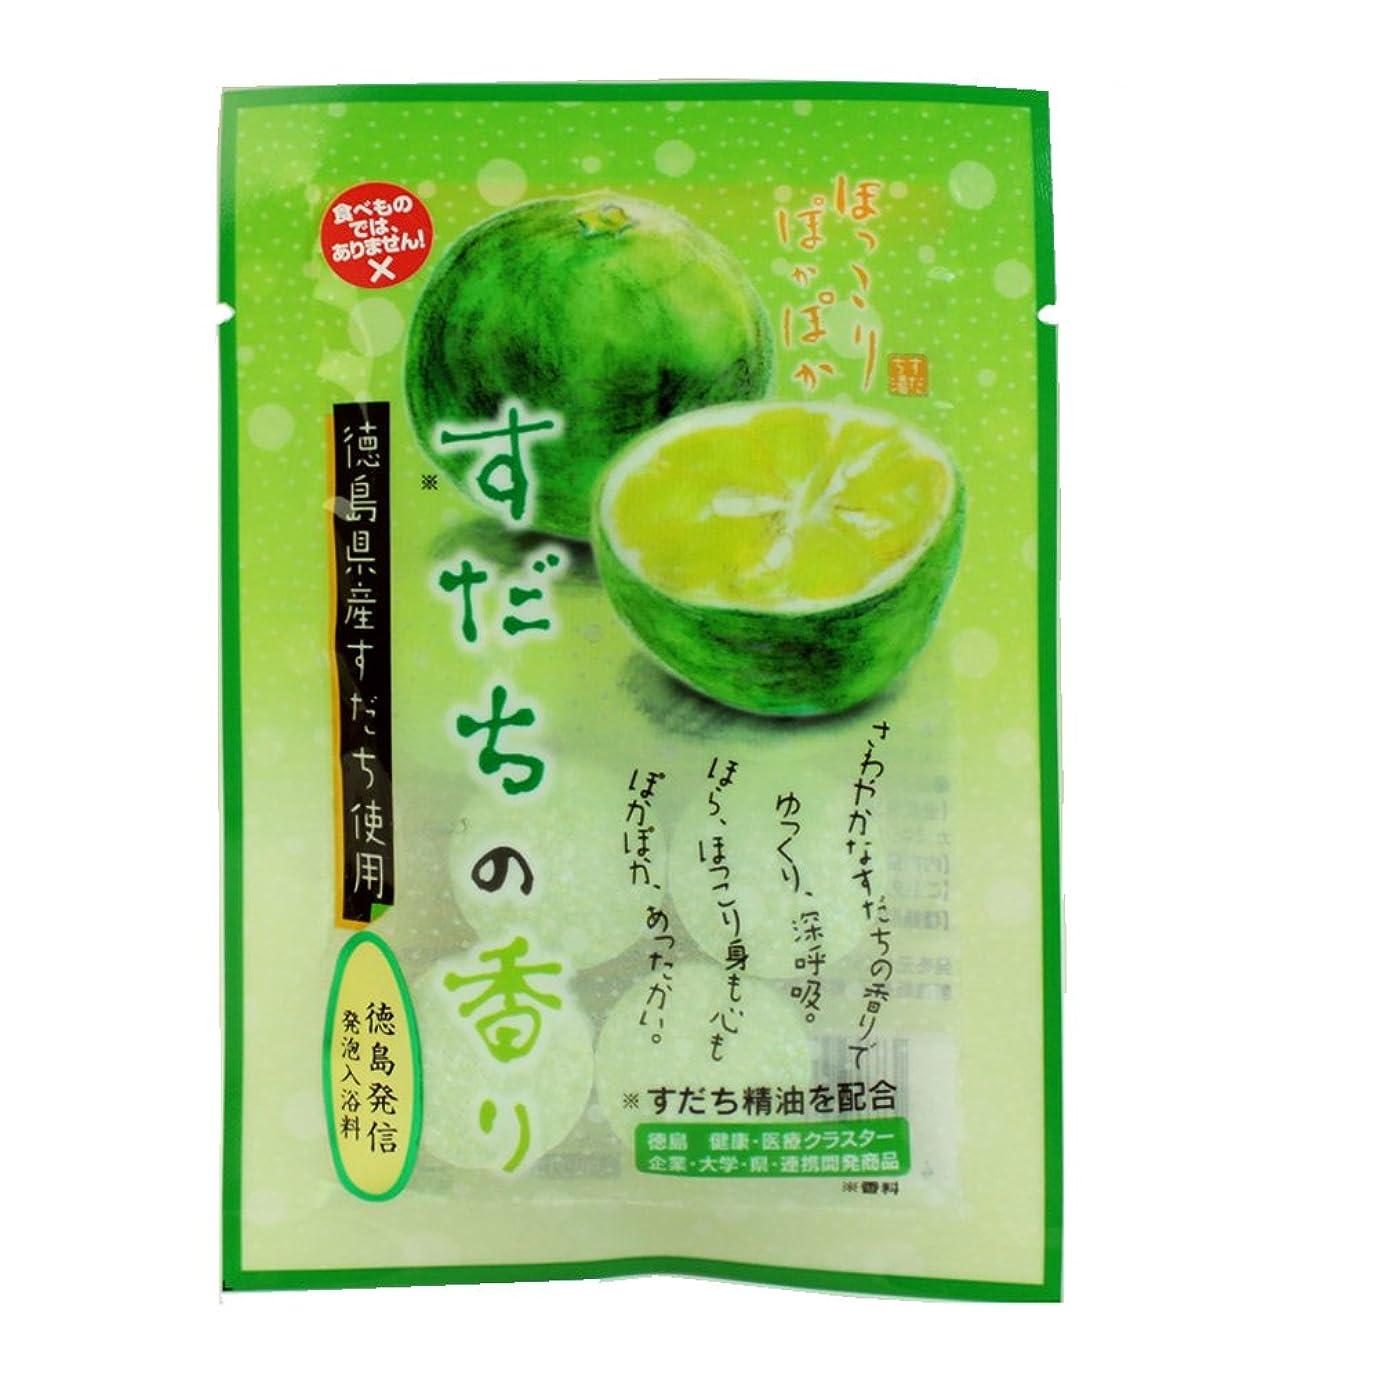 以前は数学者海峡すだちの香り 発泡入浴料 1袋 徳島県産すだち使用 860